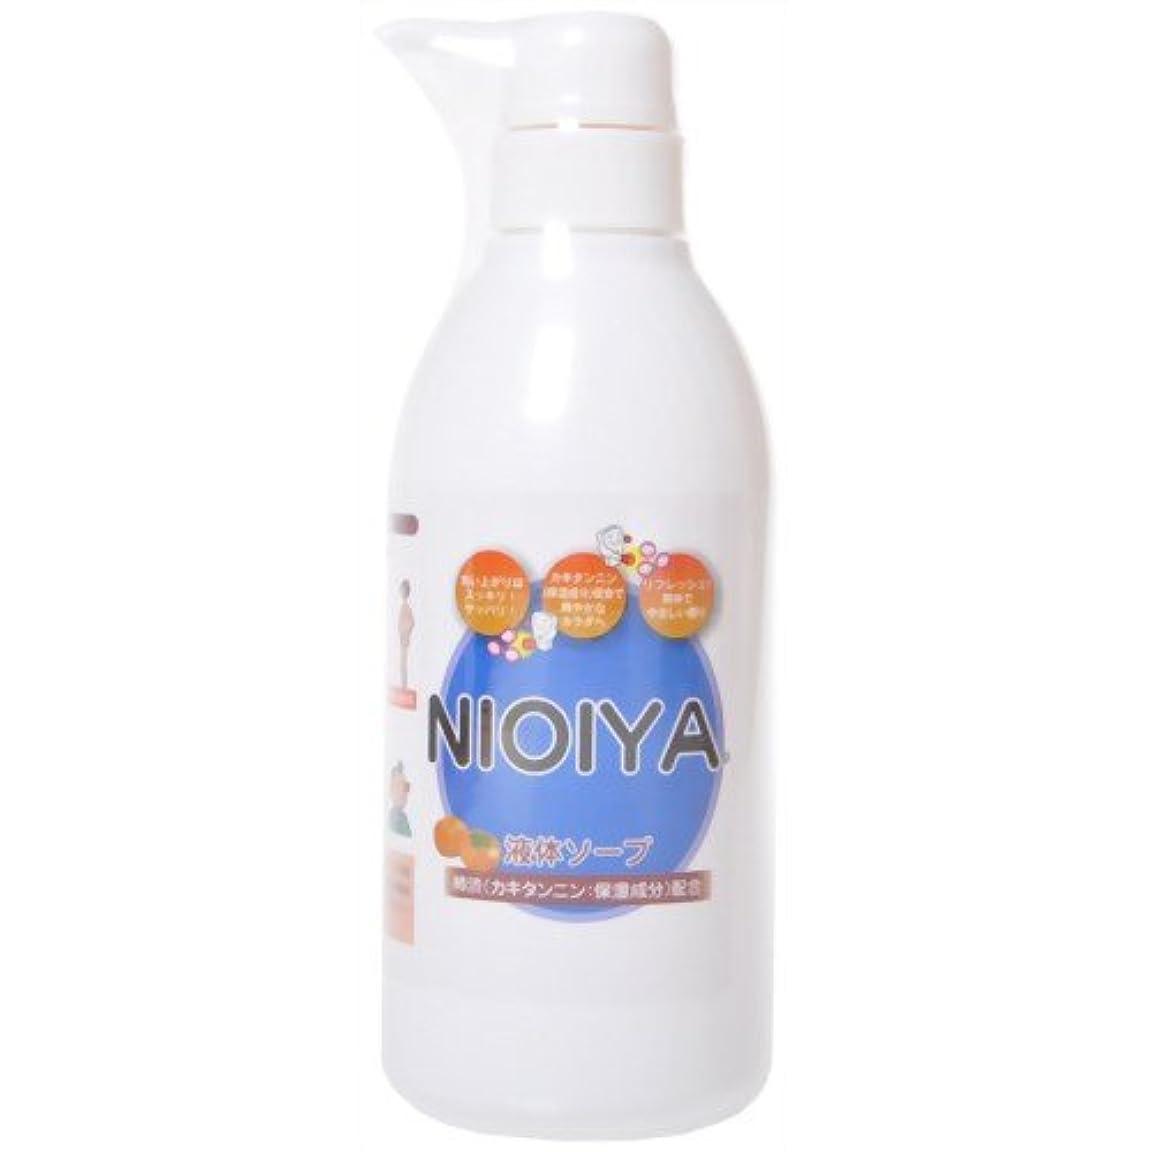 護衛匿名弾丸NIOIYA 柿渋配合 液体ソープ 500ml